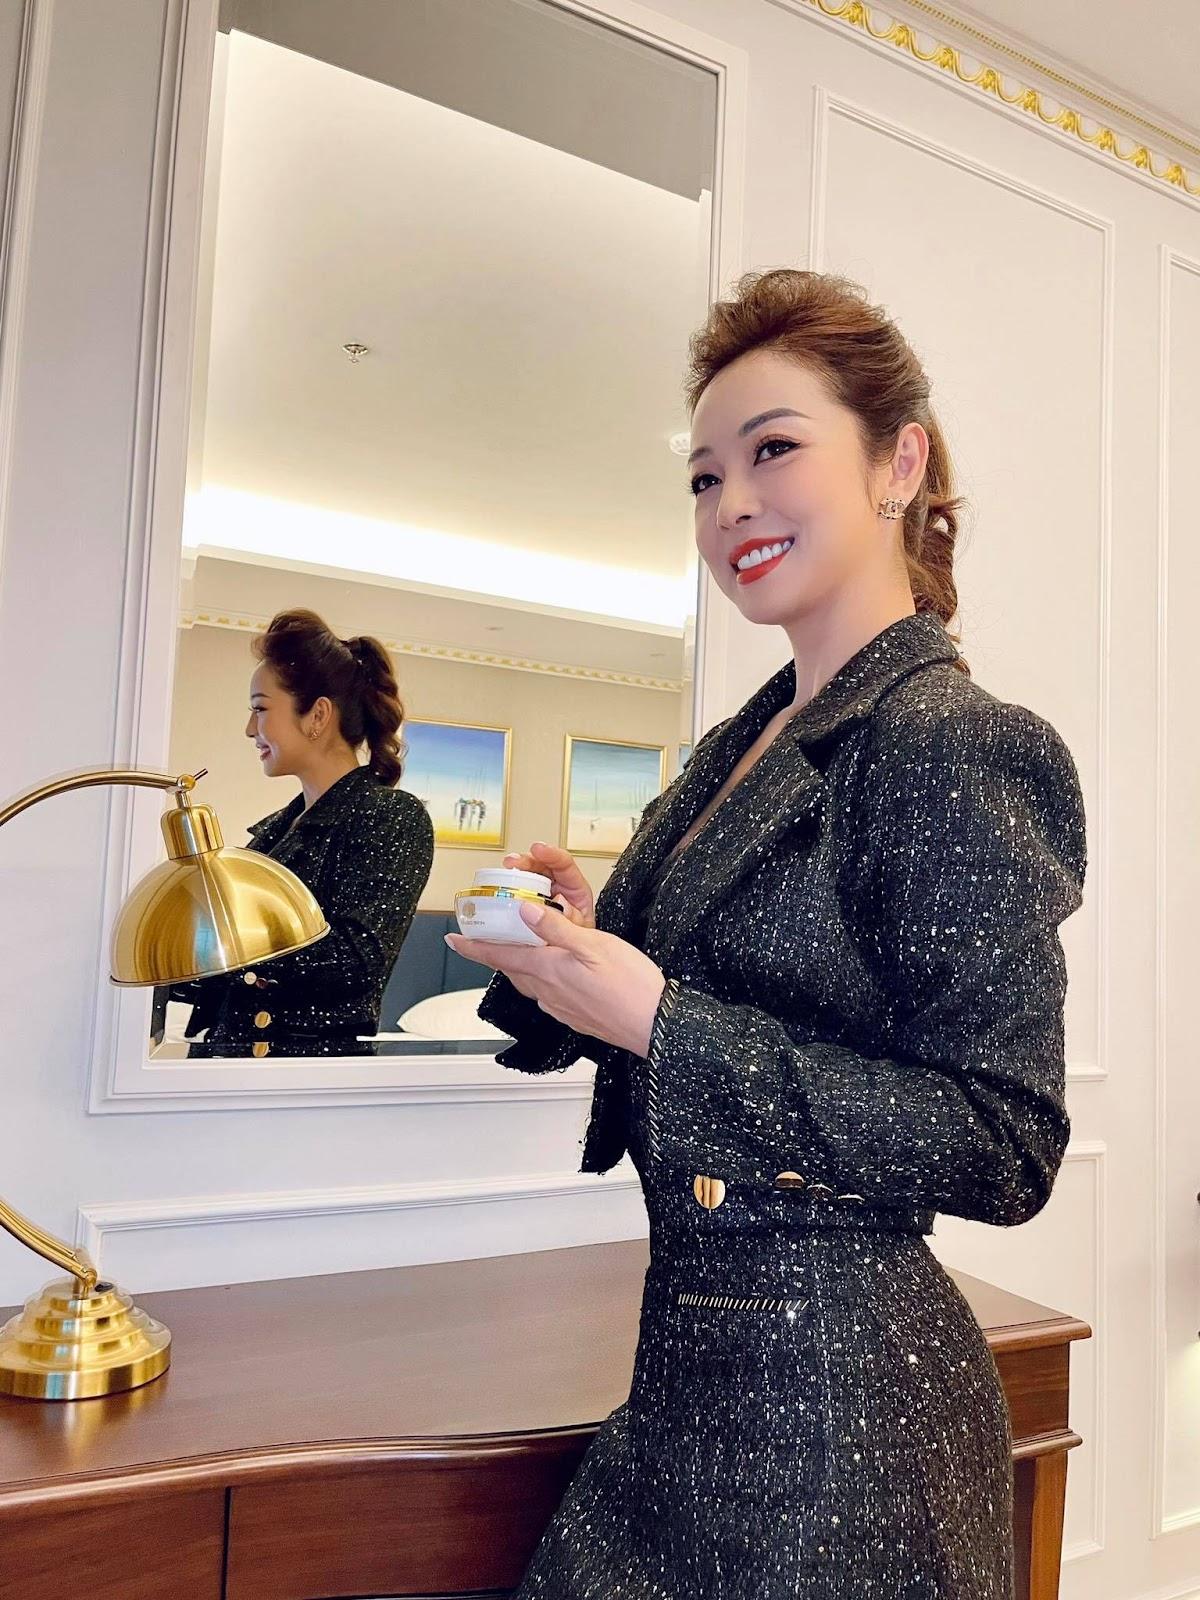 Hoa hậu Jennifer Phạm chia sẻ 4 tips phòng ngừa nám hiệu quả tại nhà - Ảnh 3